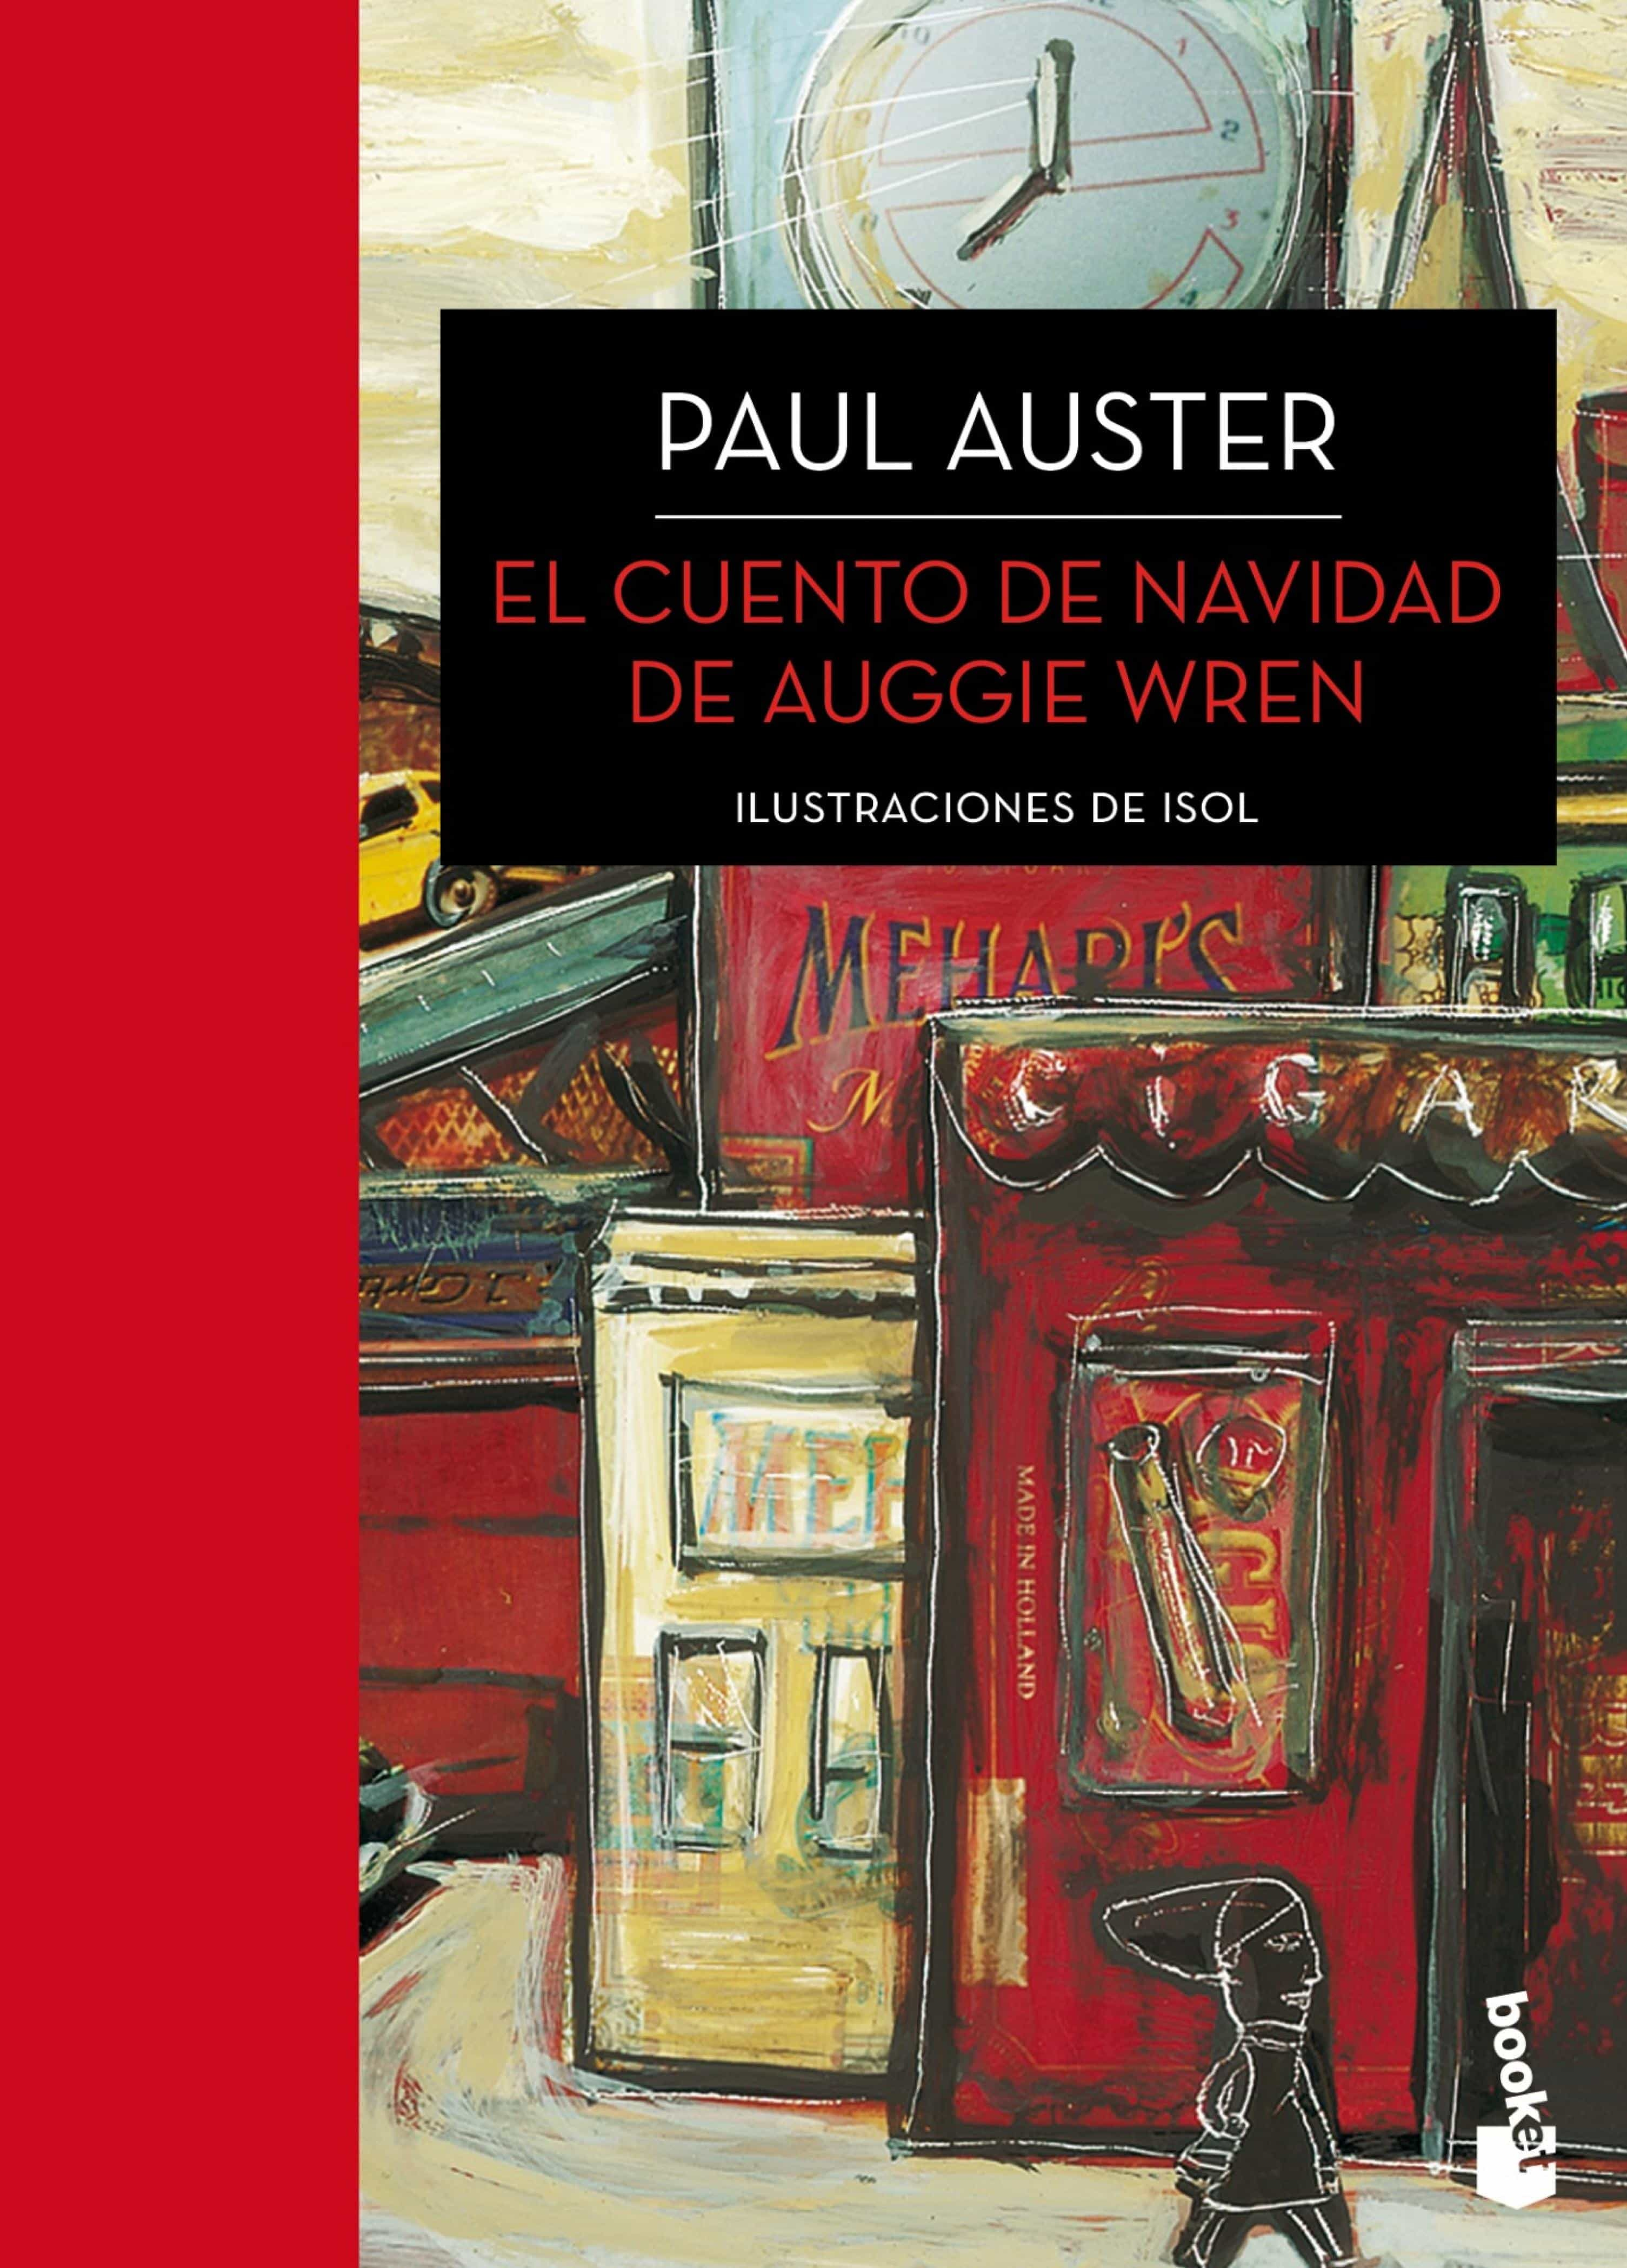 El Cuento De Navidad De Auggie Wren   por Paul Auster